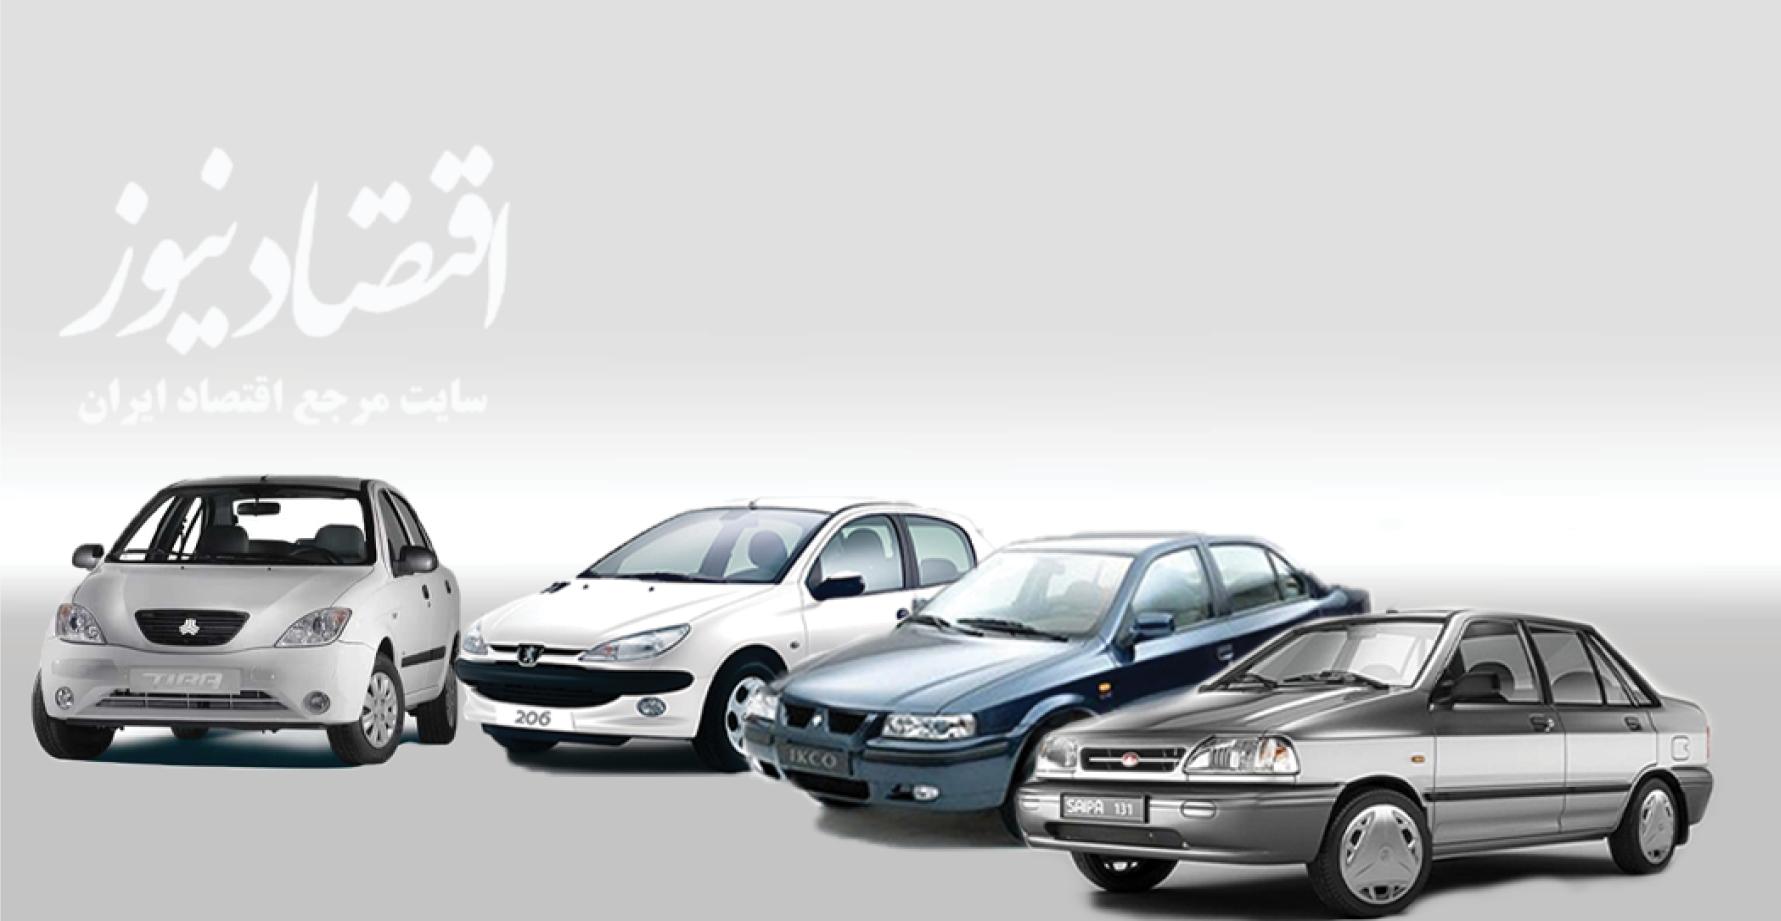 جزئیات مهم از تصویب اولیه عرضه خودرو در بورس